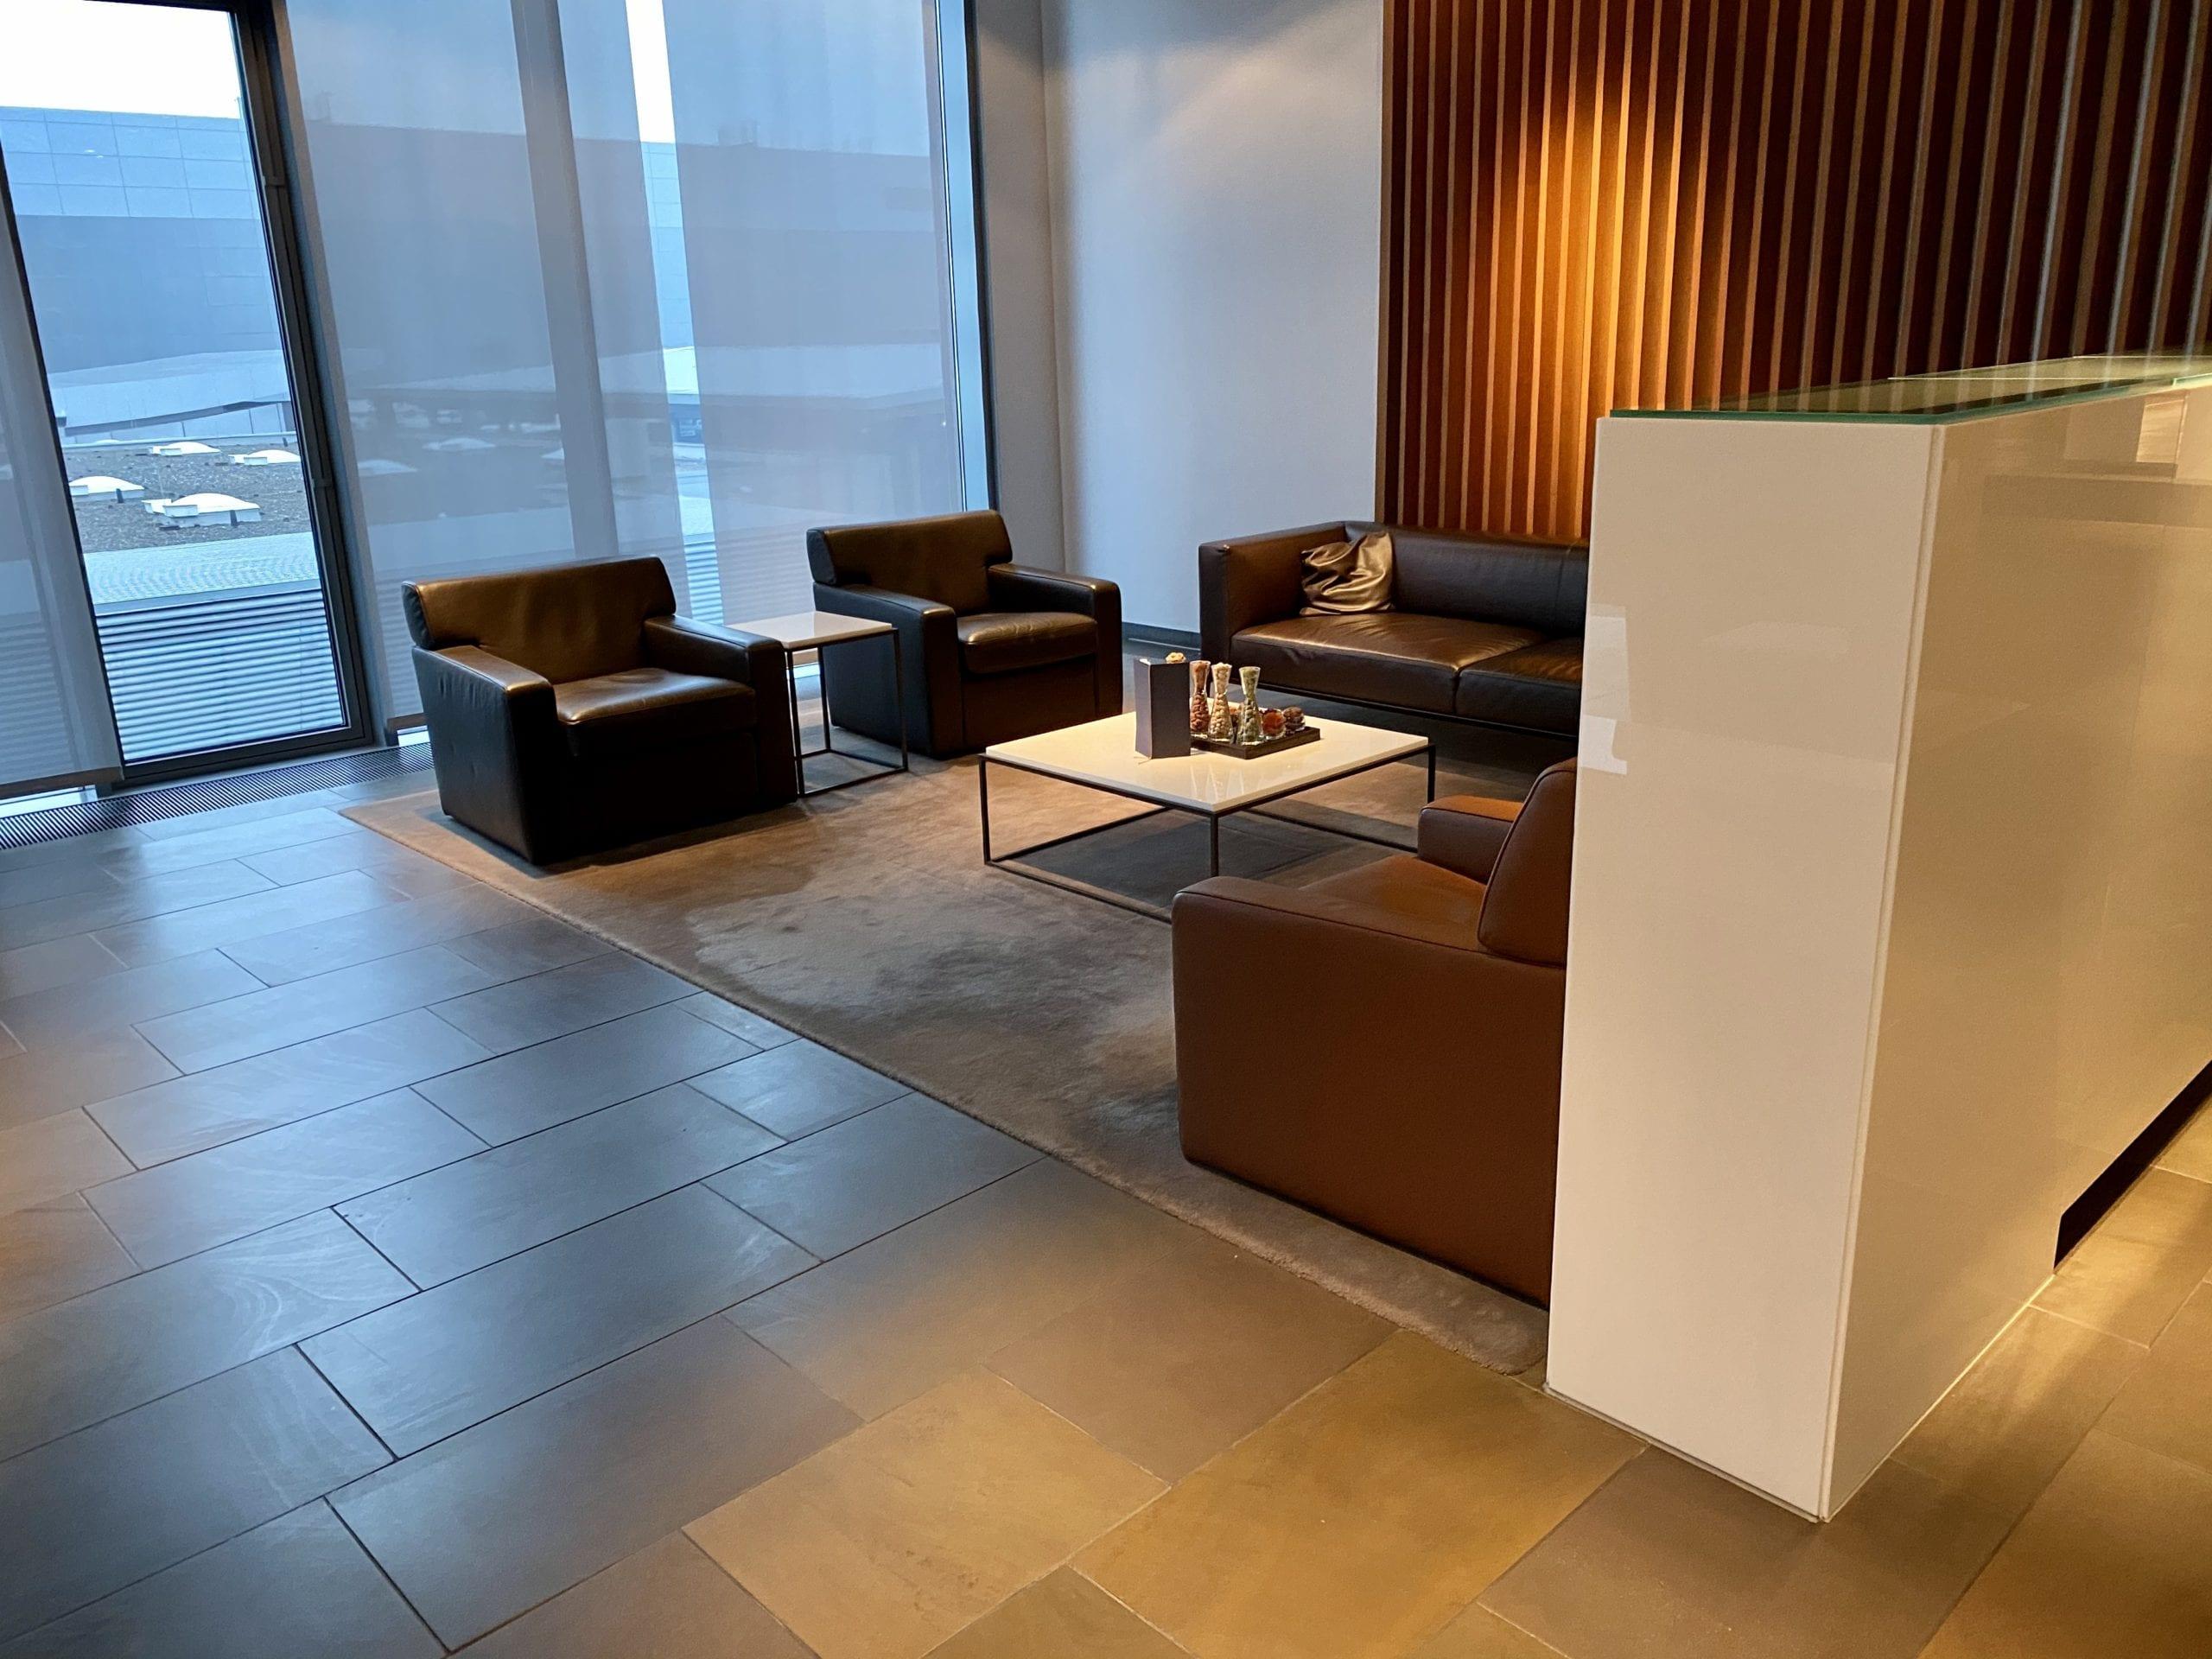 Lufthansa first class terminal lounge